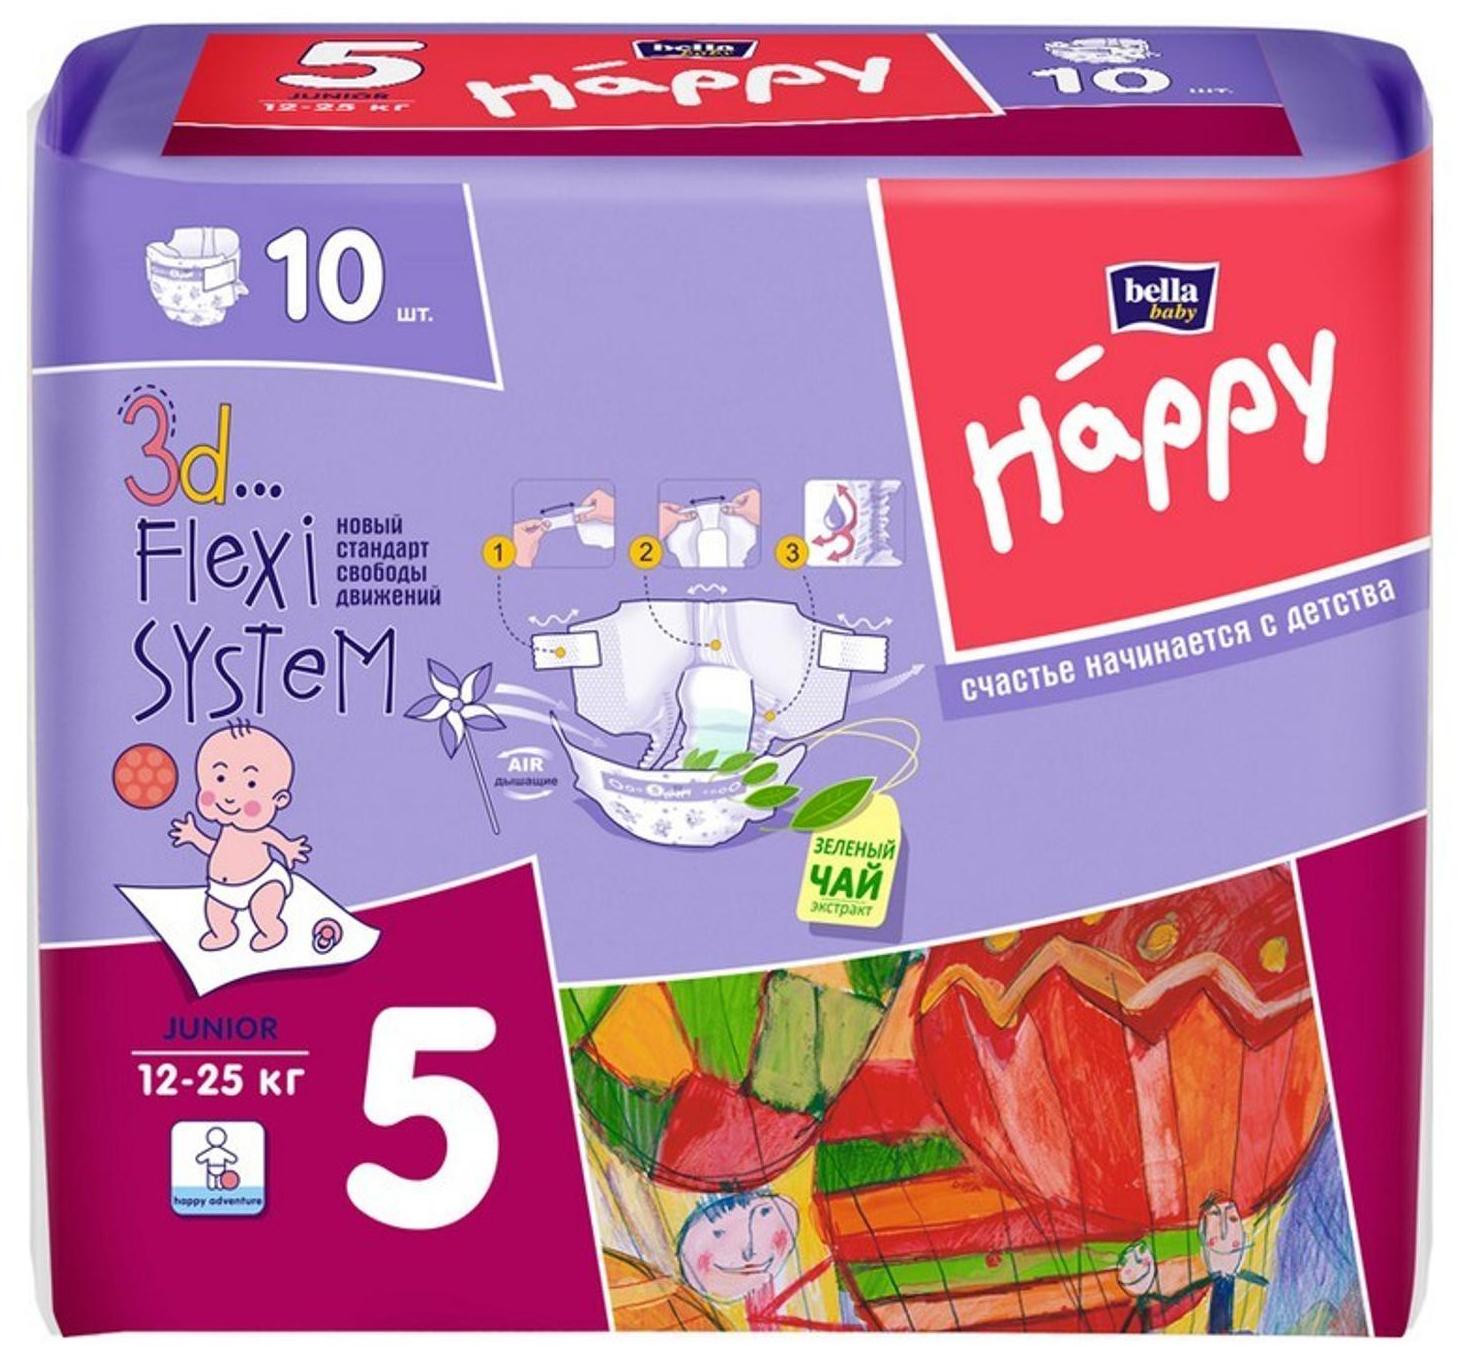 Подгузники Bella Baby Happy Junior 5 (12-25 кг), 21 шт.